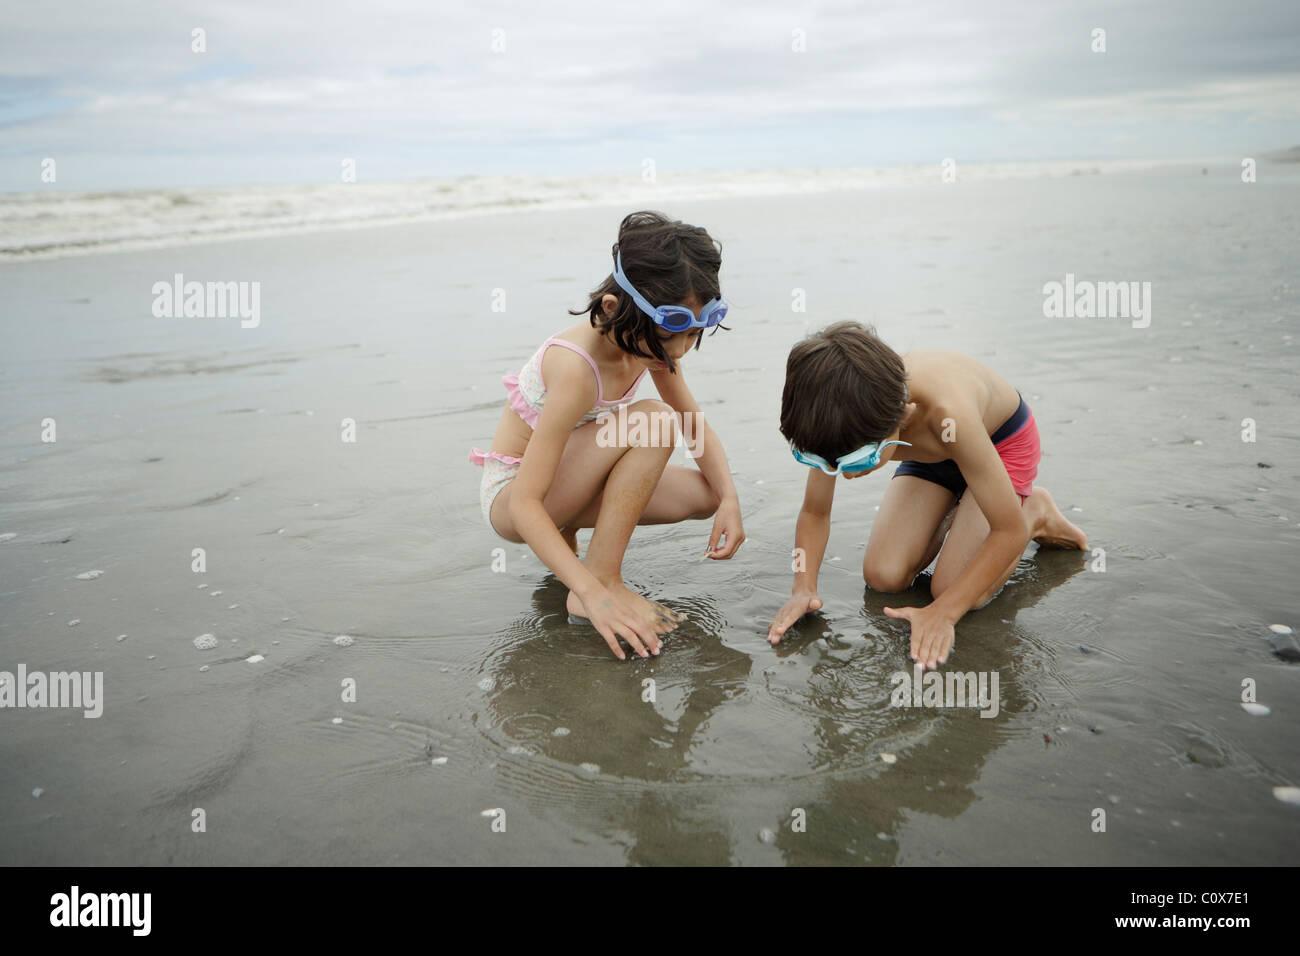 Spielen Sie Bruder und Schwester, Gemischte Rassen, im Meer. Manawatu, Neuseeland. Stockfoto